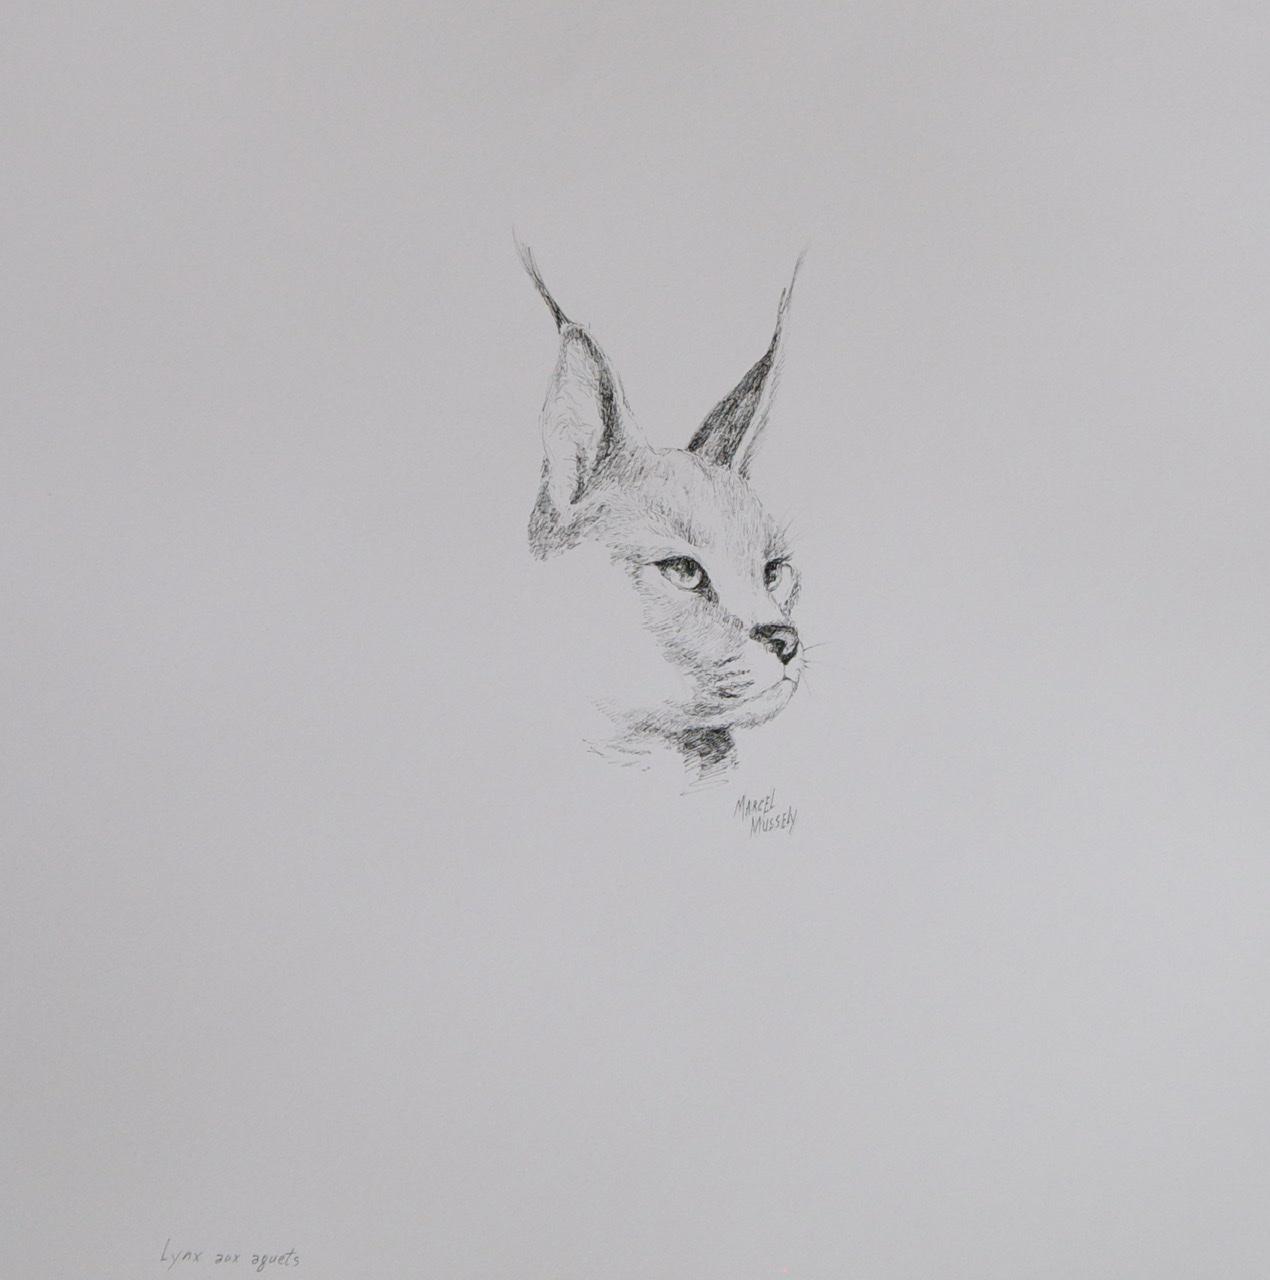 """<span style=""""color: #ff0000;""""><a style=""""color: #ff0000;"""" href=""""mailto:mussely@sympatico.ca?subject=Défi 15 dessins 15 semaines -  Lynx aux aguets"""">Contacter l'artiste</a></span> Marcel Mussely -  Lynx aux aguets  - collection personnelle - encre sur papier aquarelle - 24x18 po"""